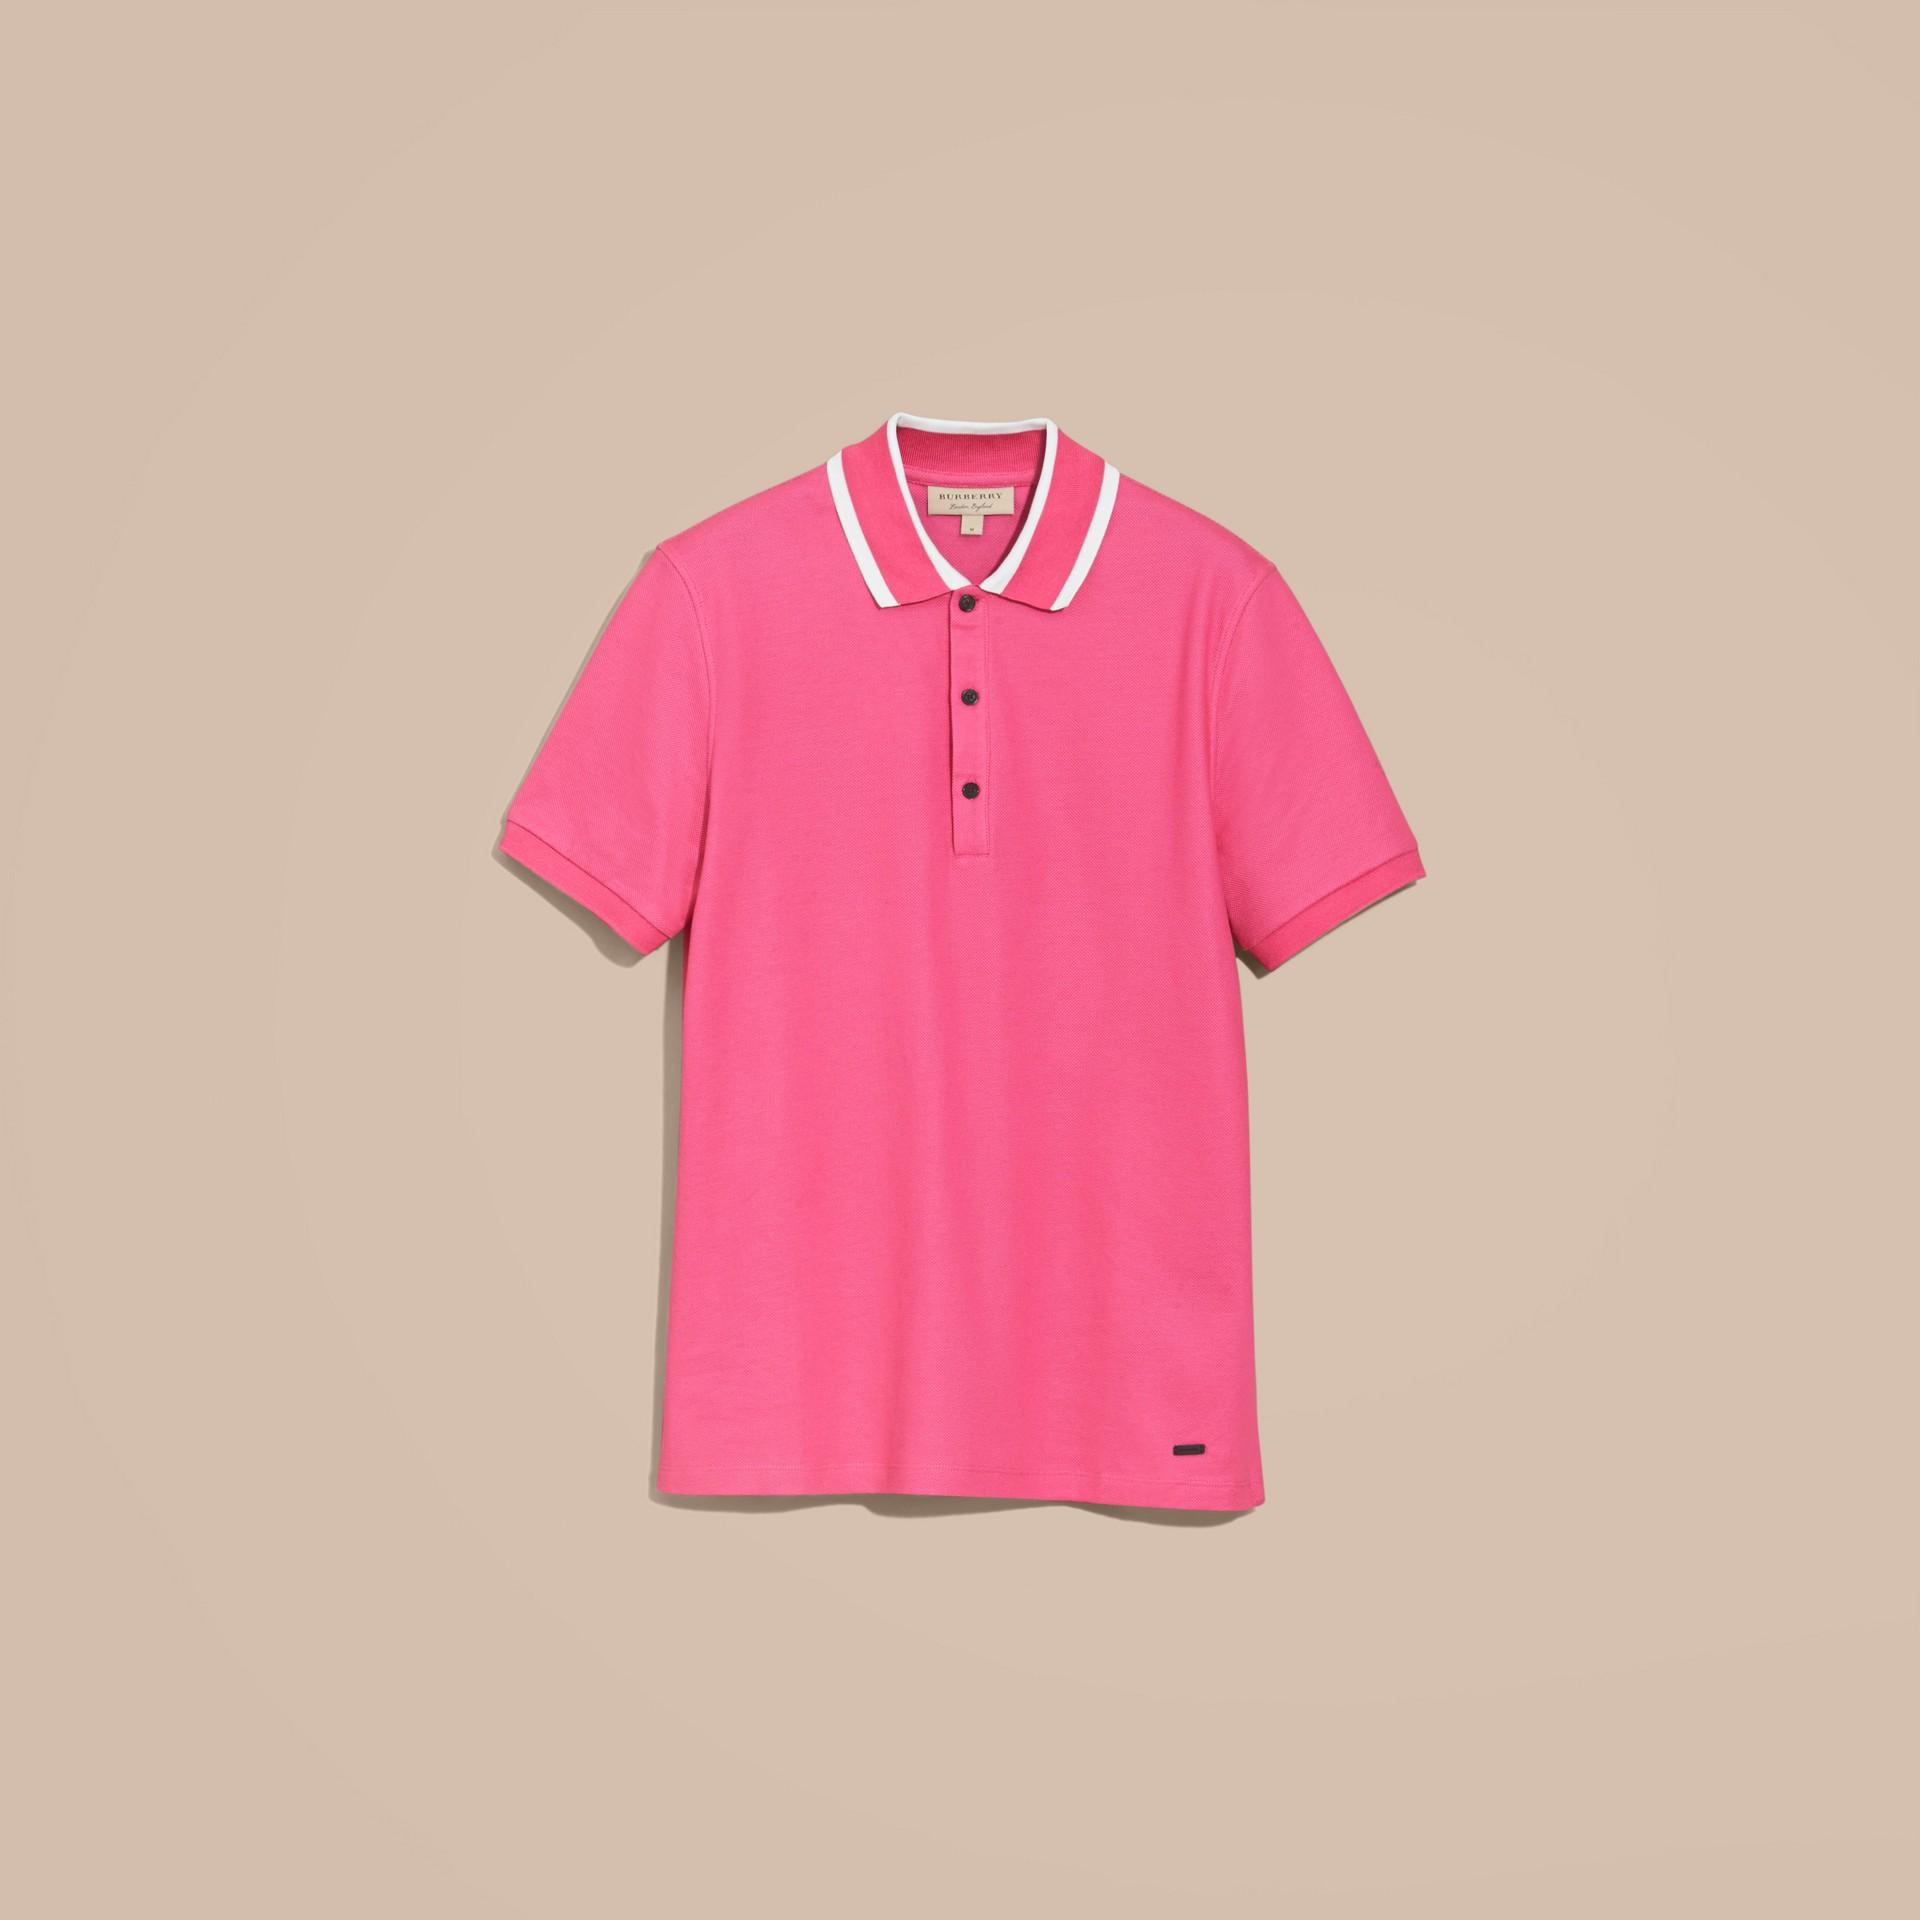 Striped Collar Cotton Piqué Polo Shirt Bright Crimson Pink - gallery image 4